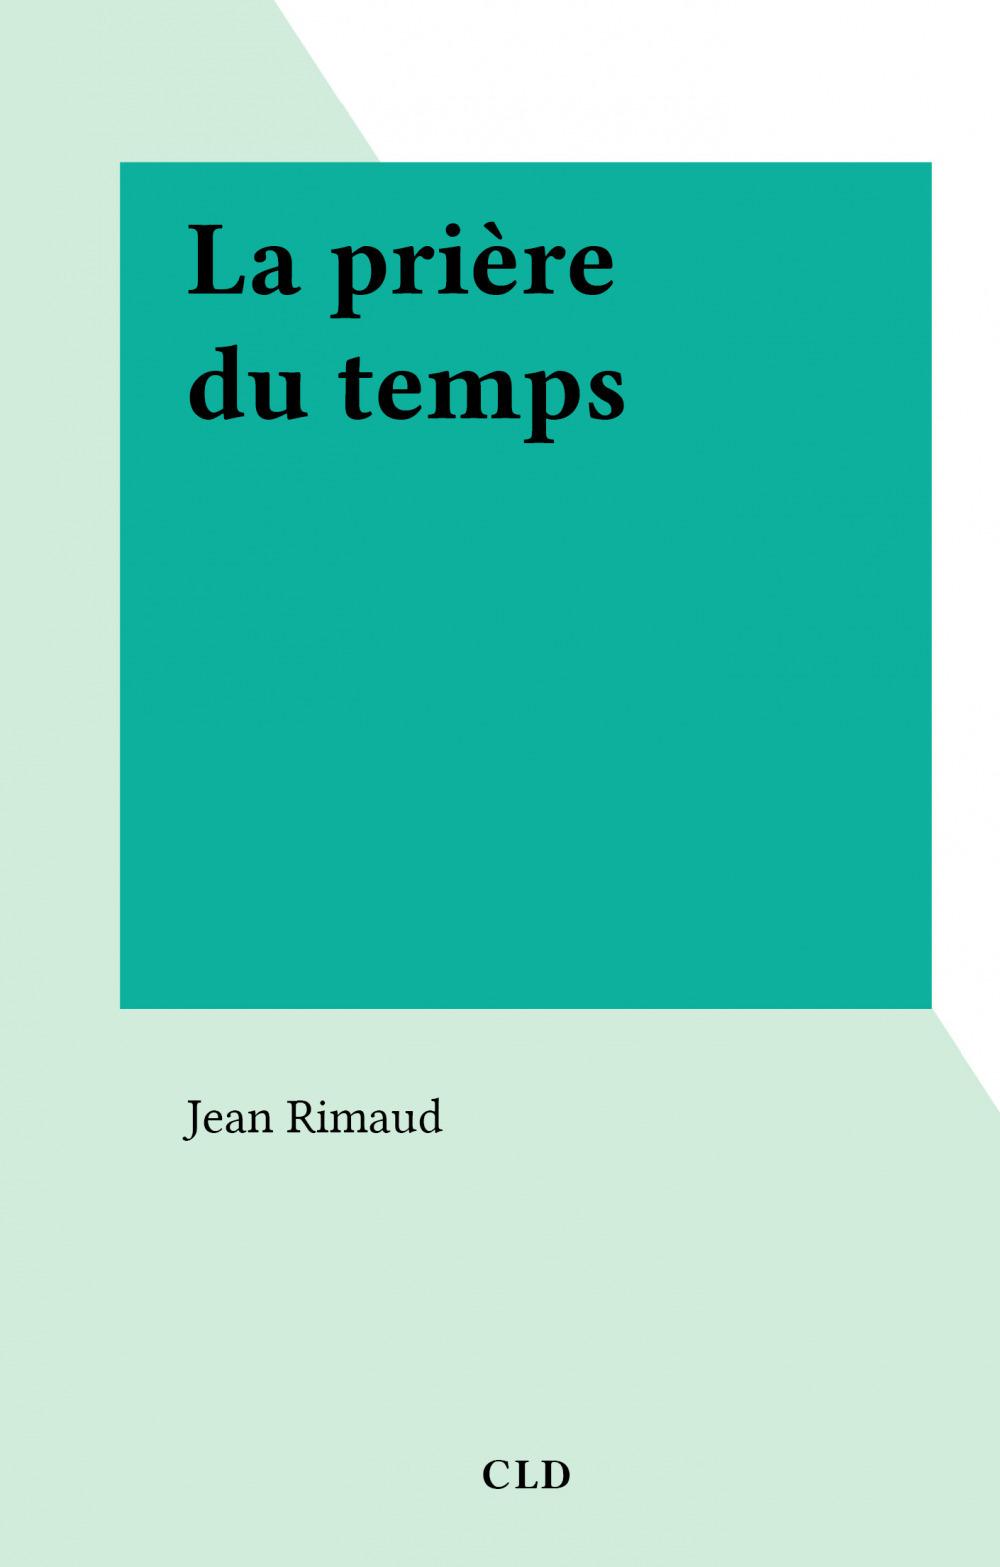 La prière du temps  - Jean Rimaud